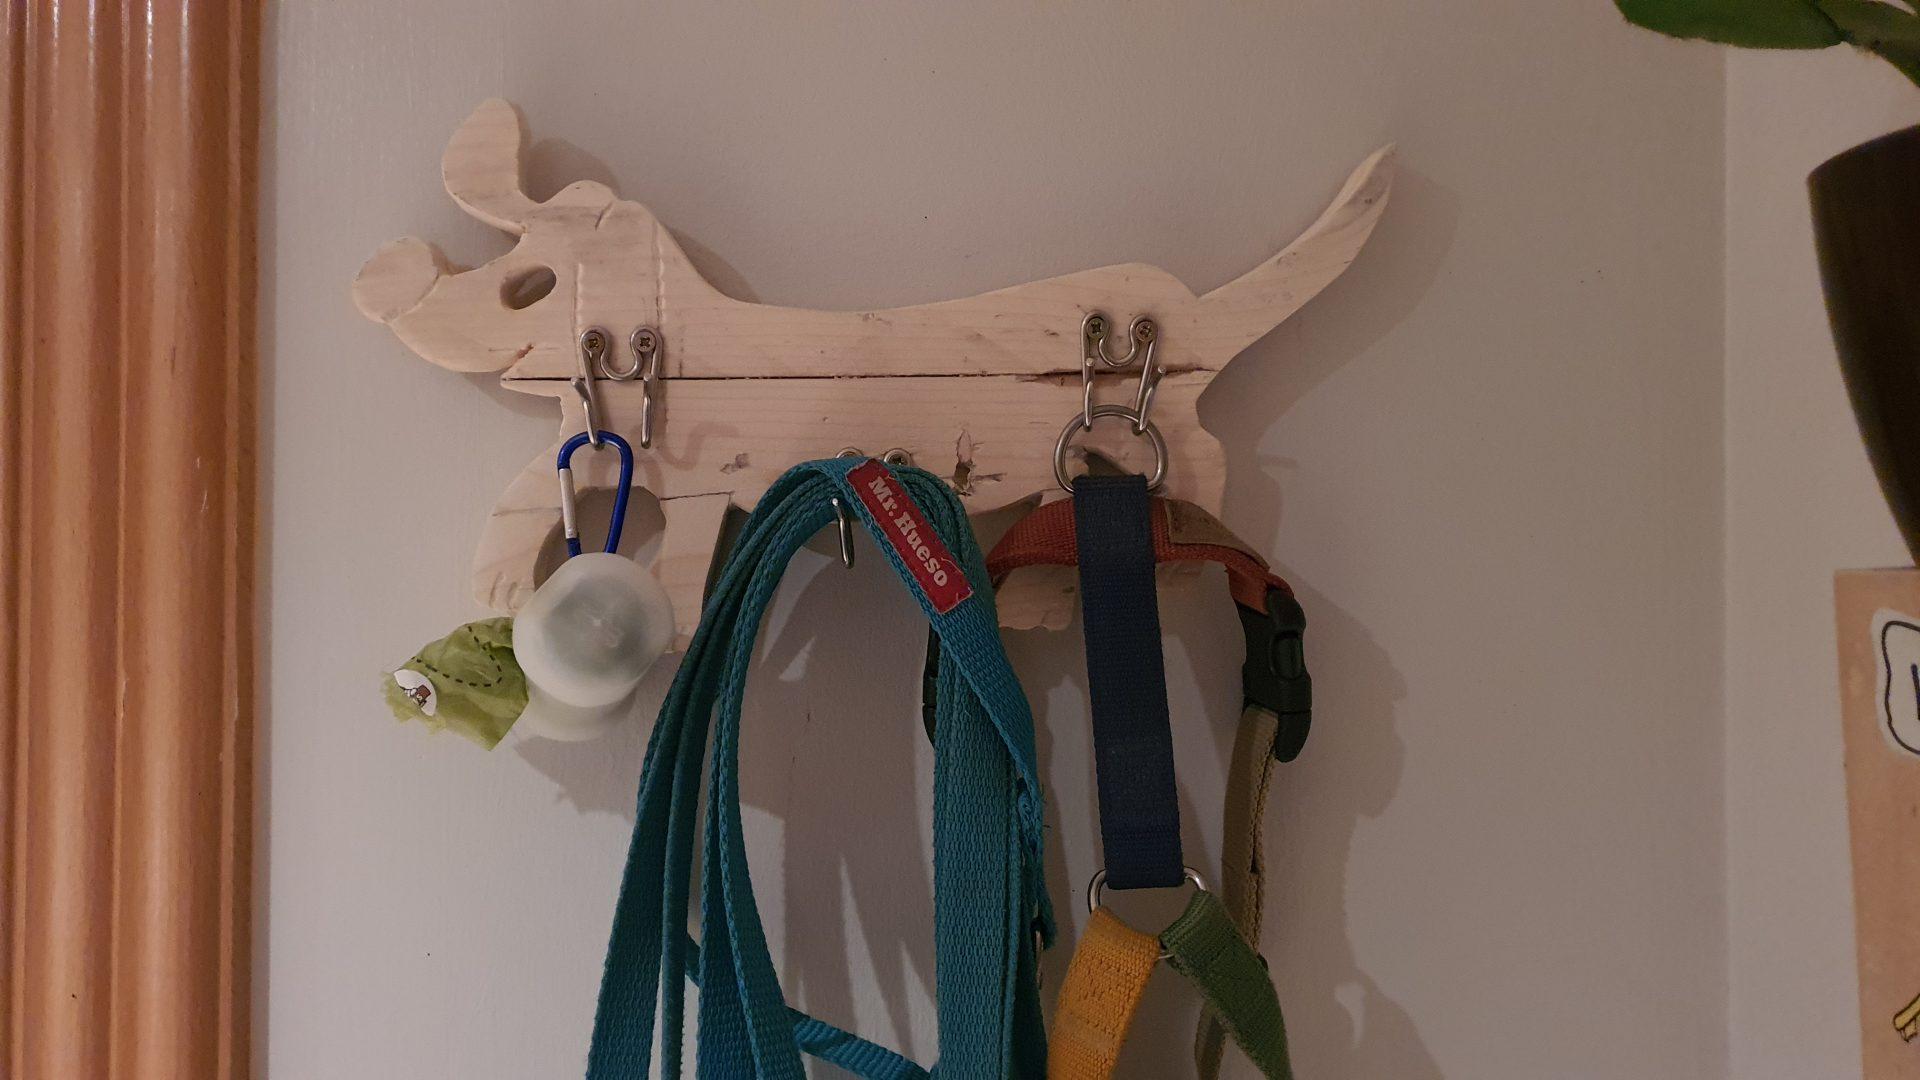 percha con silueta de perro y 3 eslabones de collar de pinchos como perchas